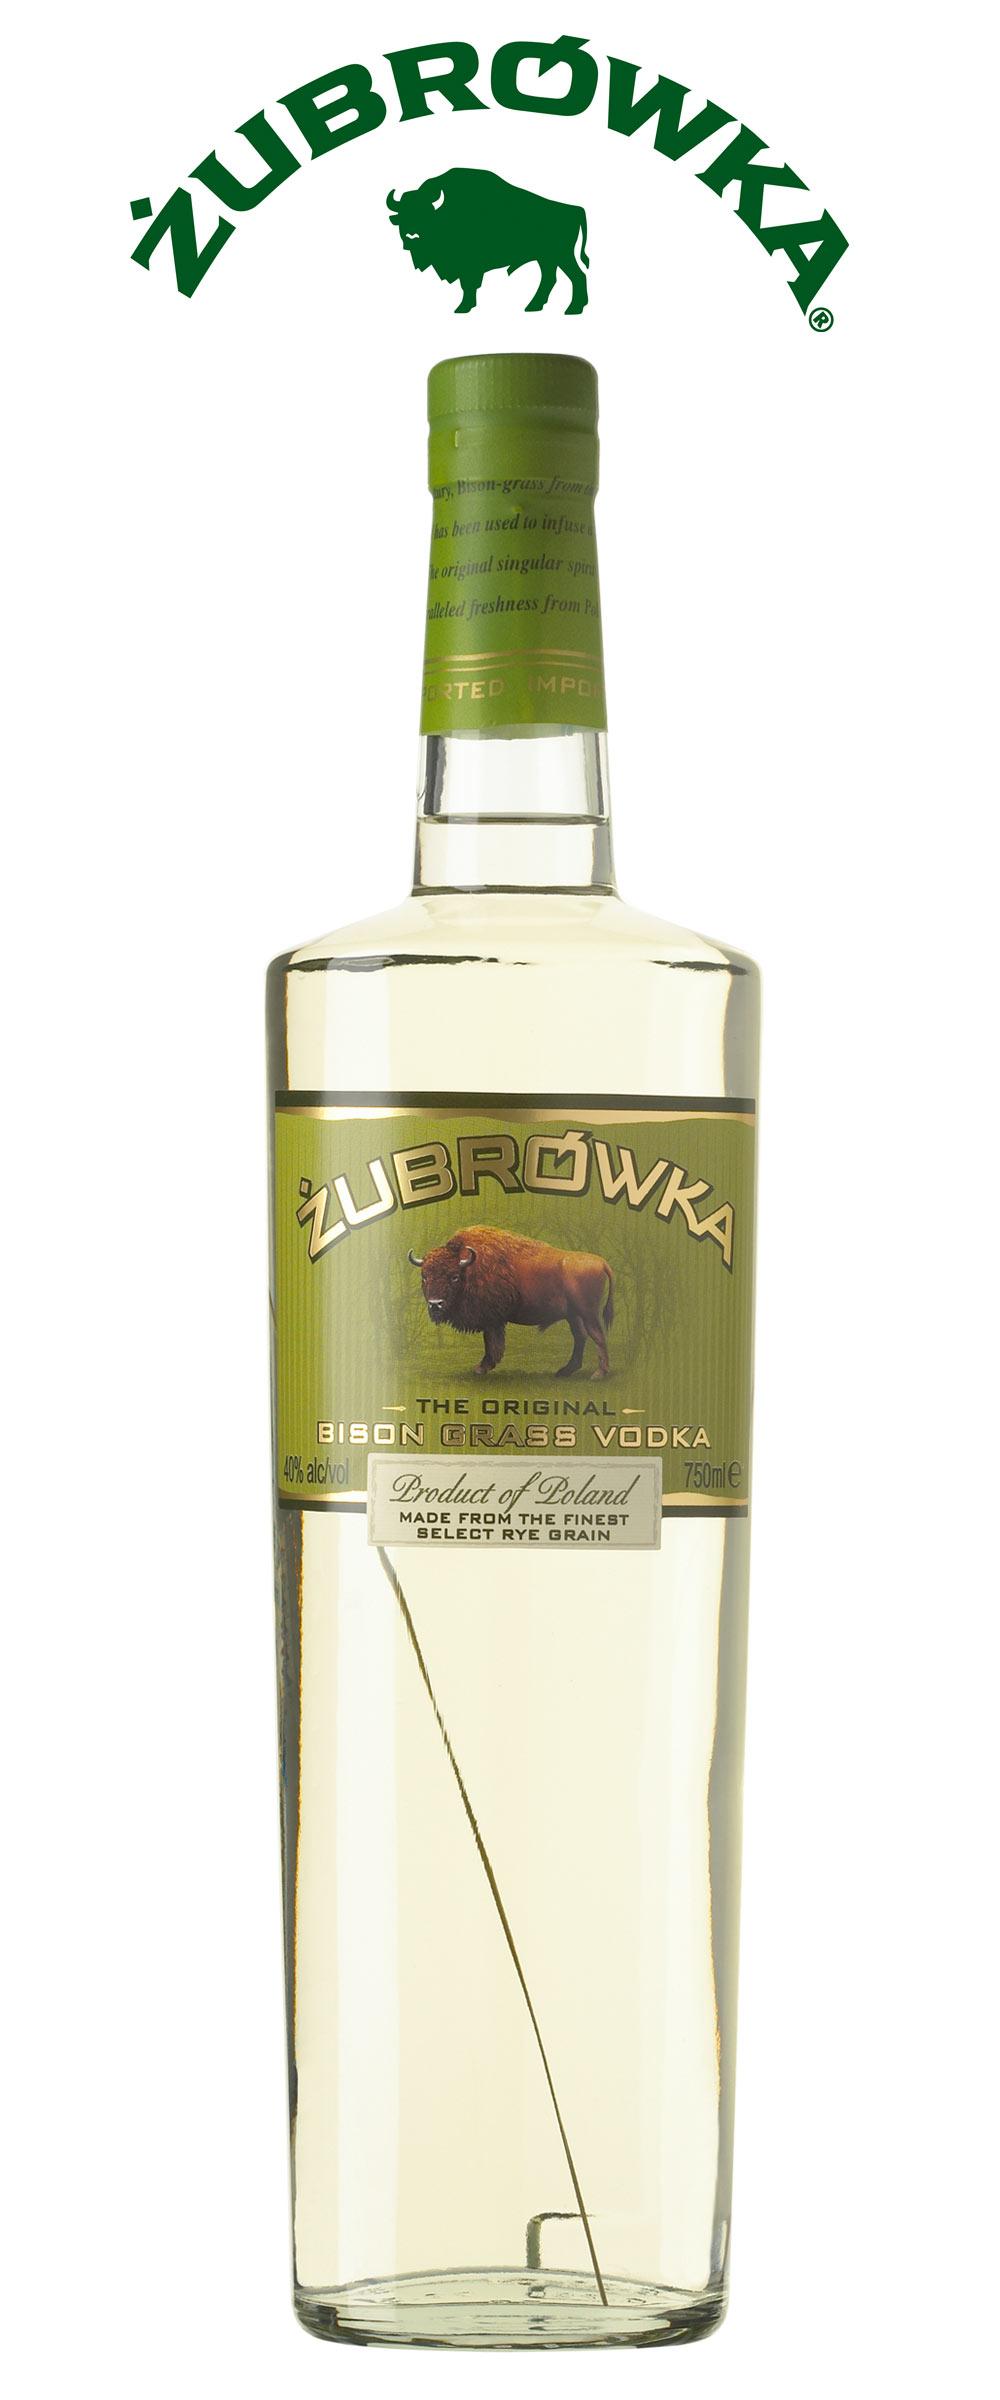 Zubrówka, el vodka del bisonte